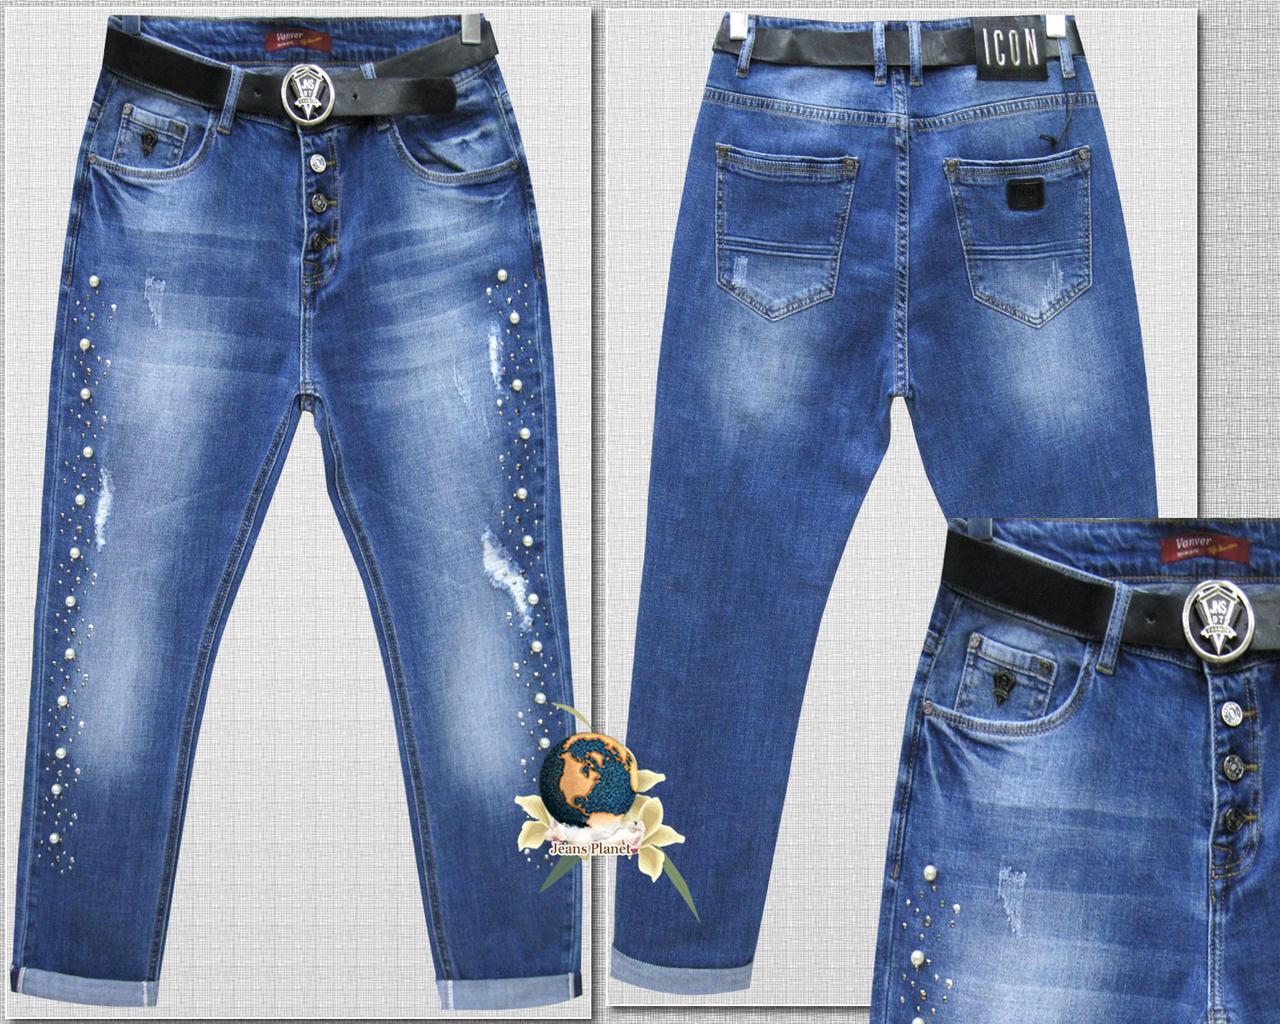 608c4d5a822 Модные женские джинсы баталы рваные с камнями и стразами - Jeans Planet  -джинсовая одежда для